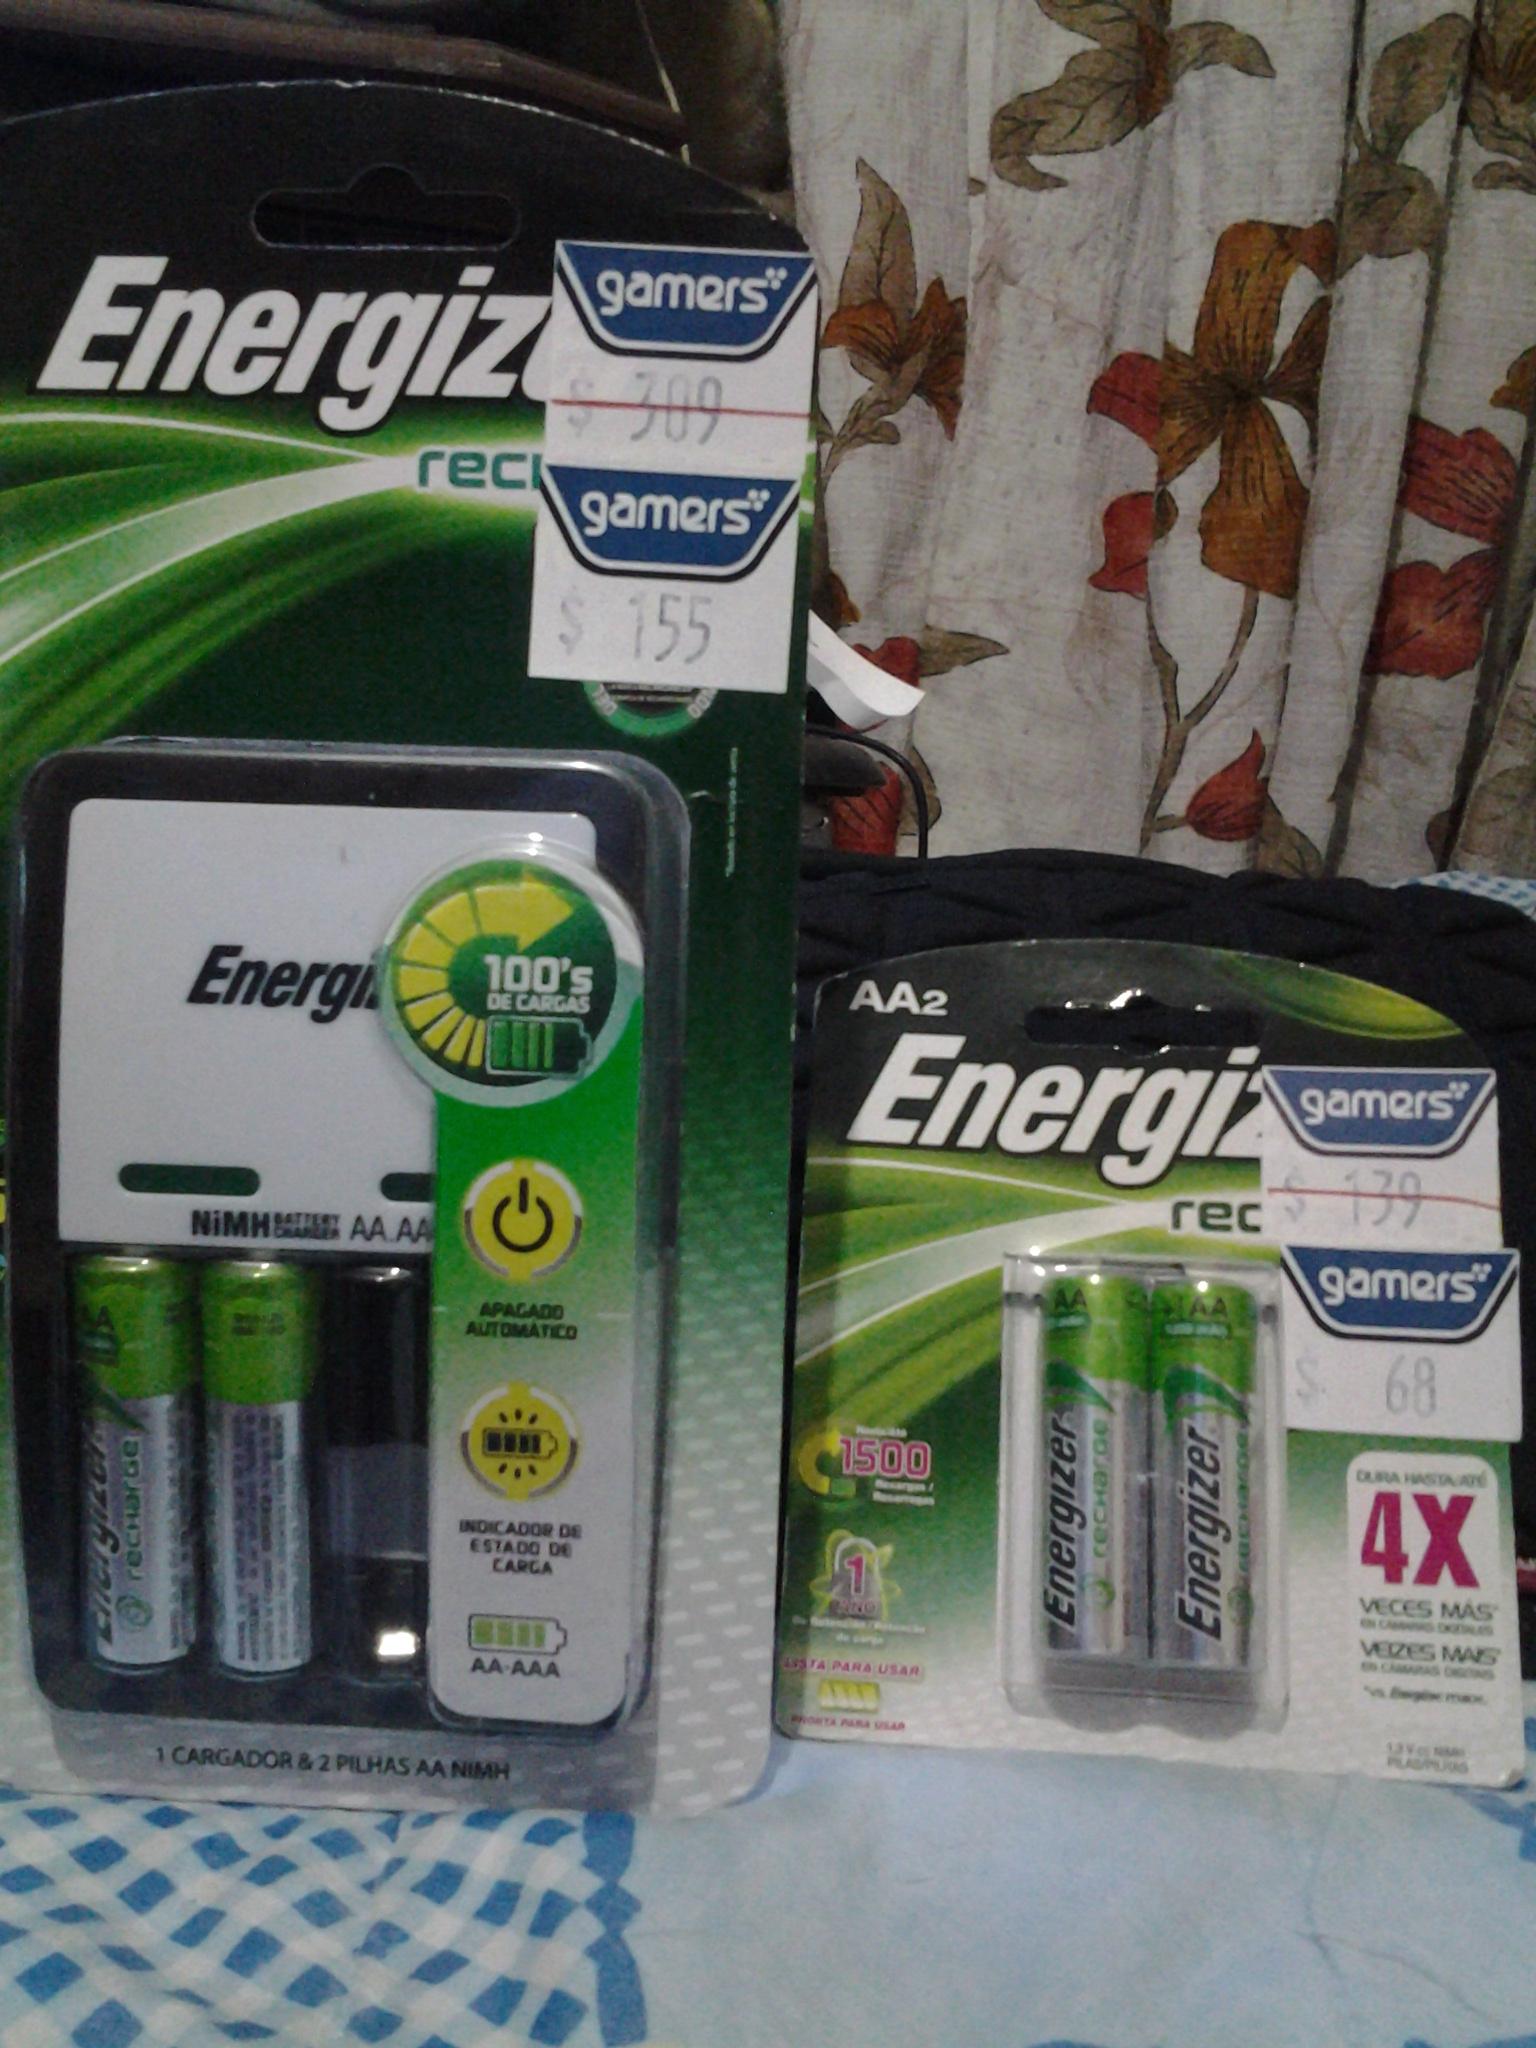 Gamers: Cargado de baterías Energizer con 2 pilas de $309 a $155